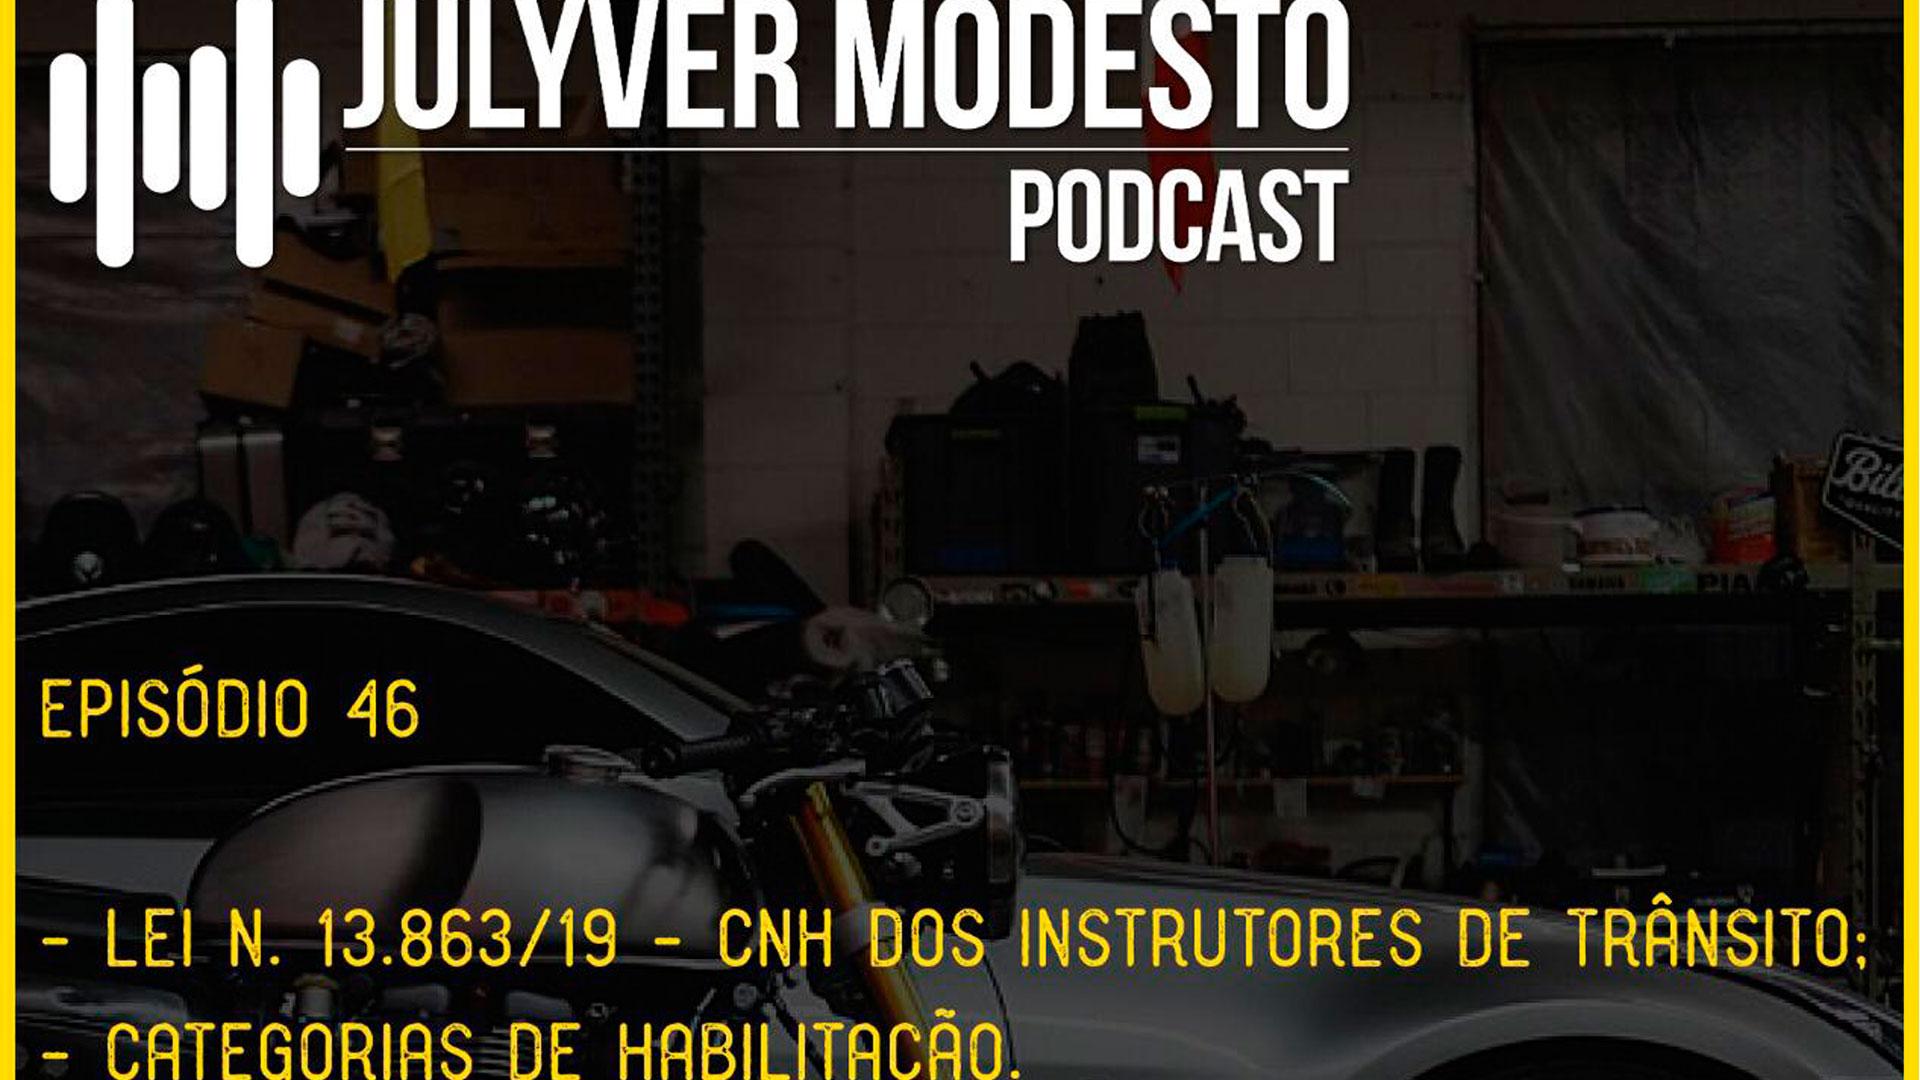 Podcast episódio 46: Trânsito, por Julyver Modesto